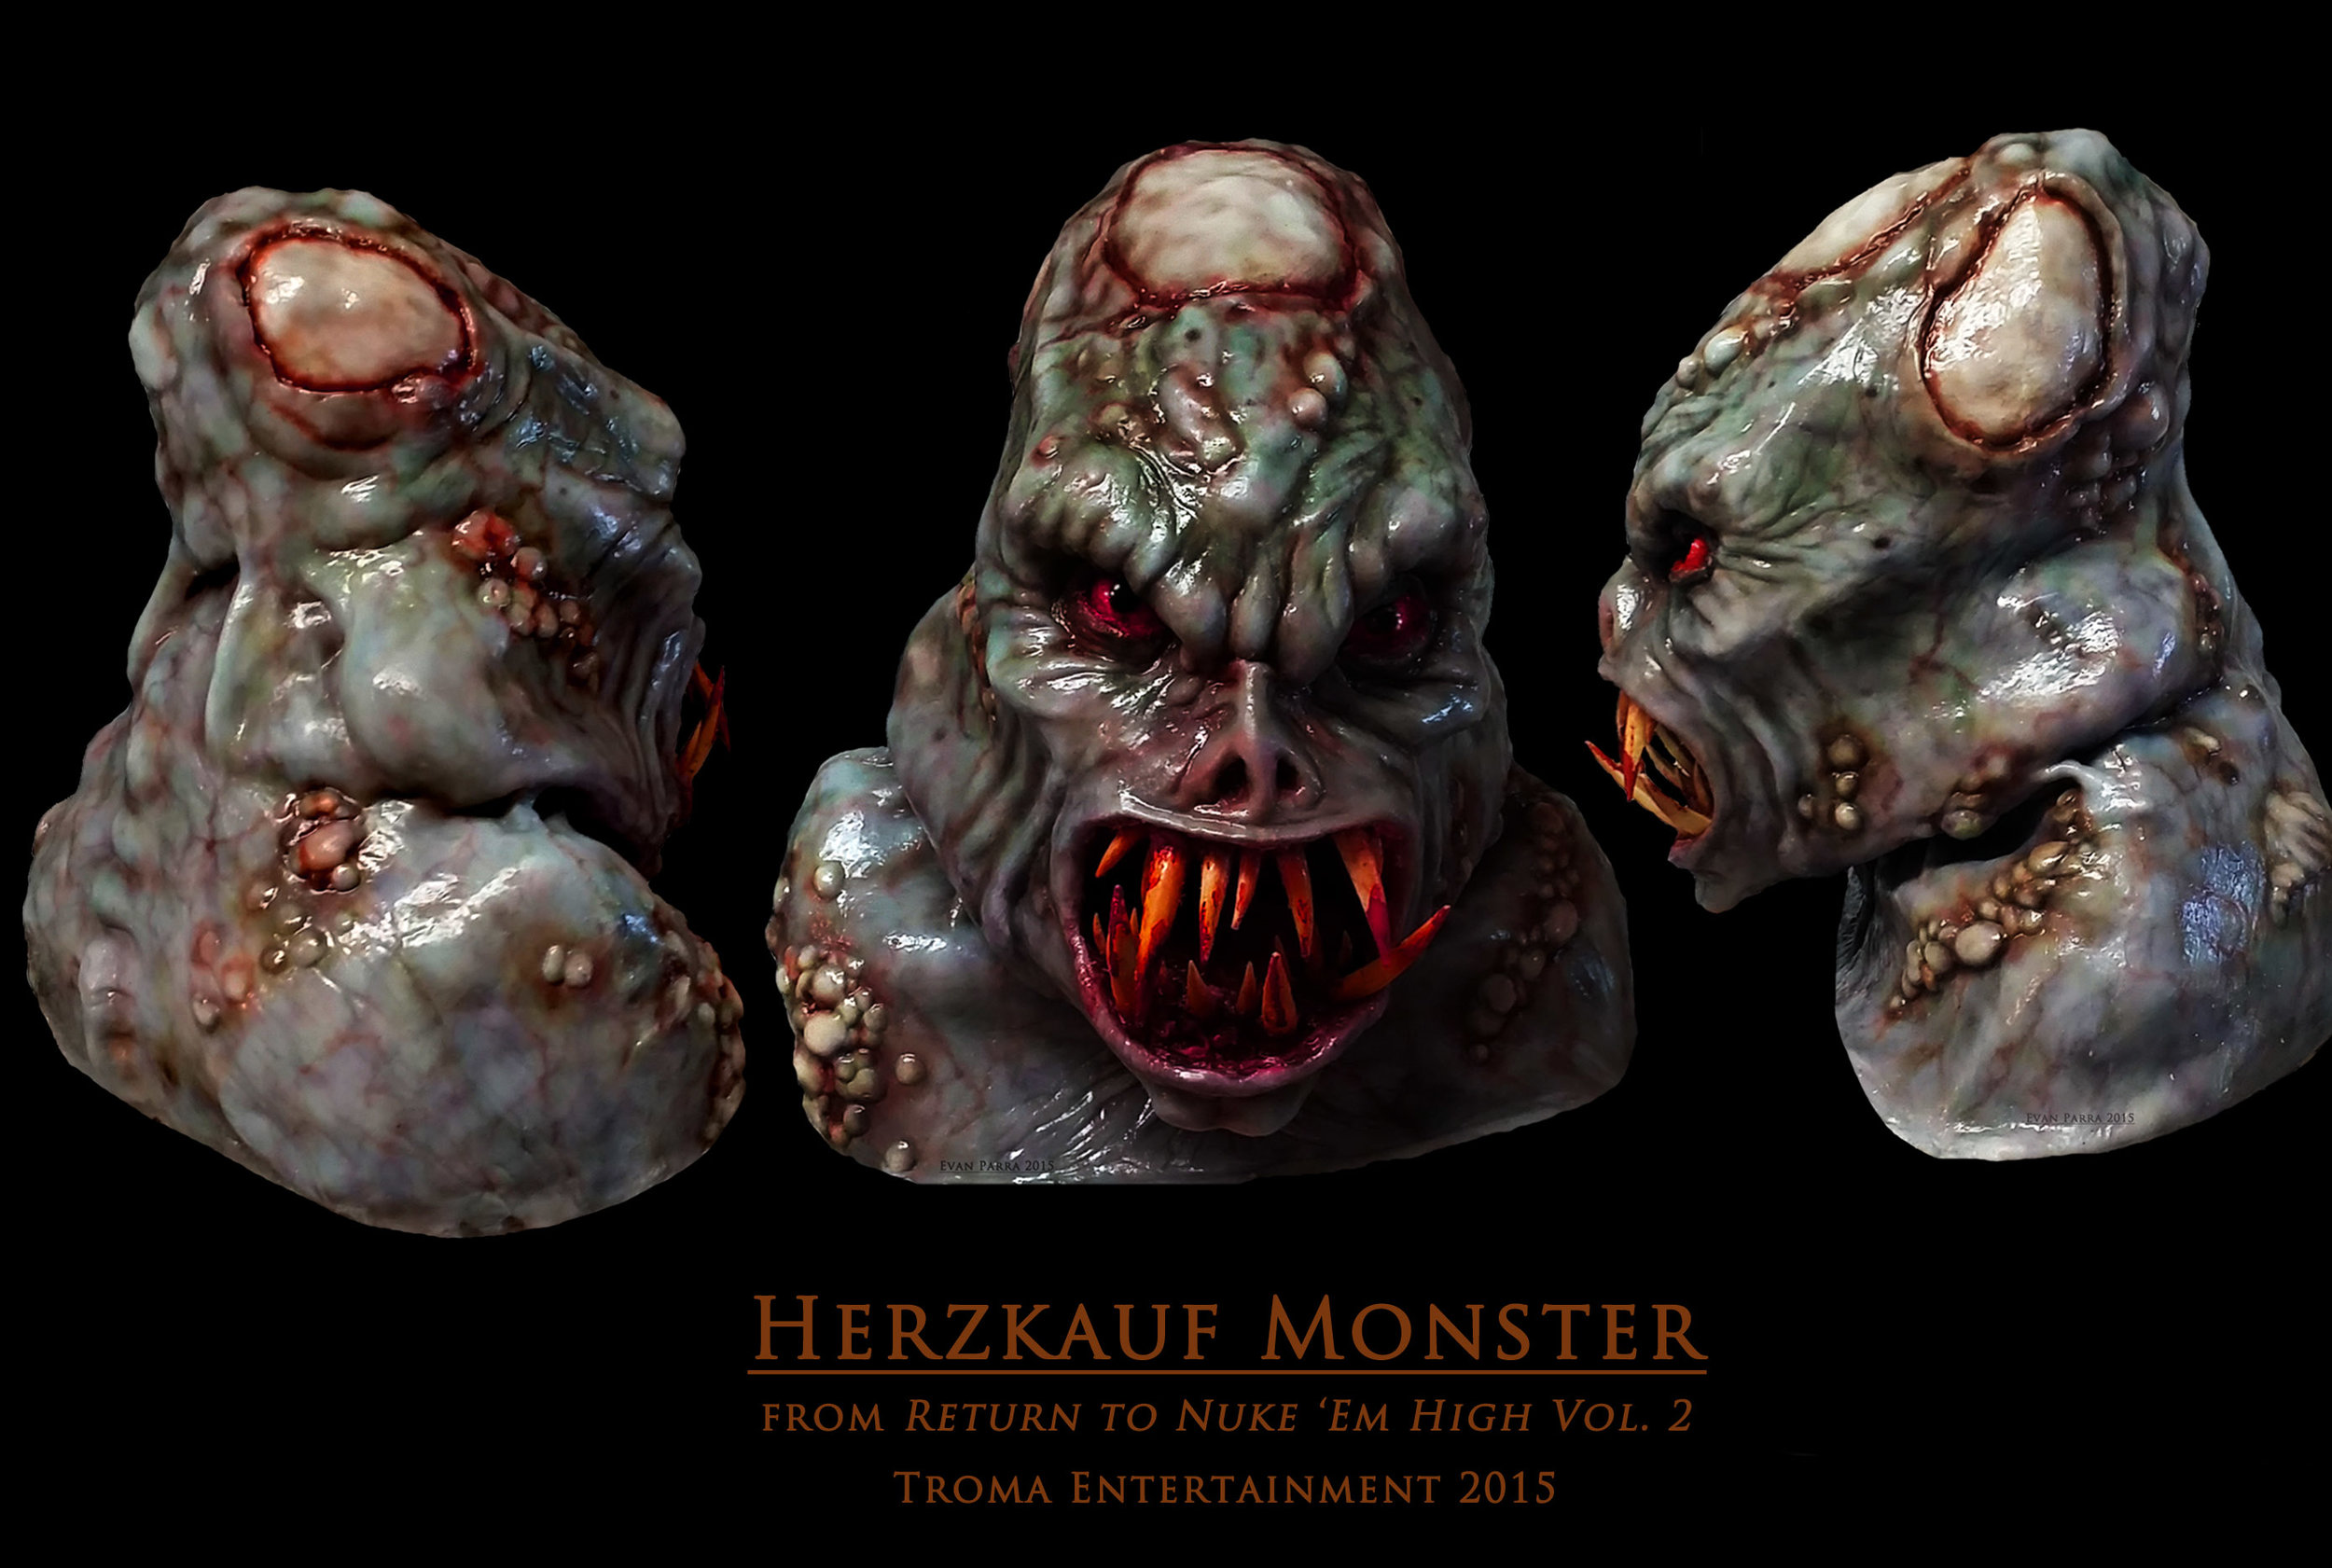 Herzkauf Monster PSD 2.jpg